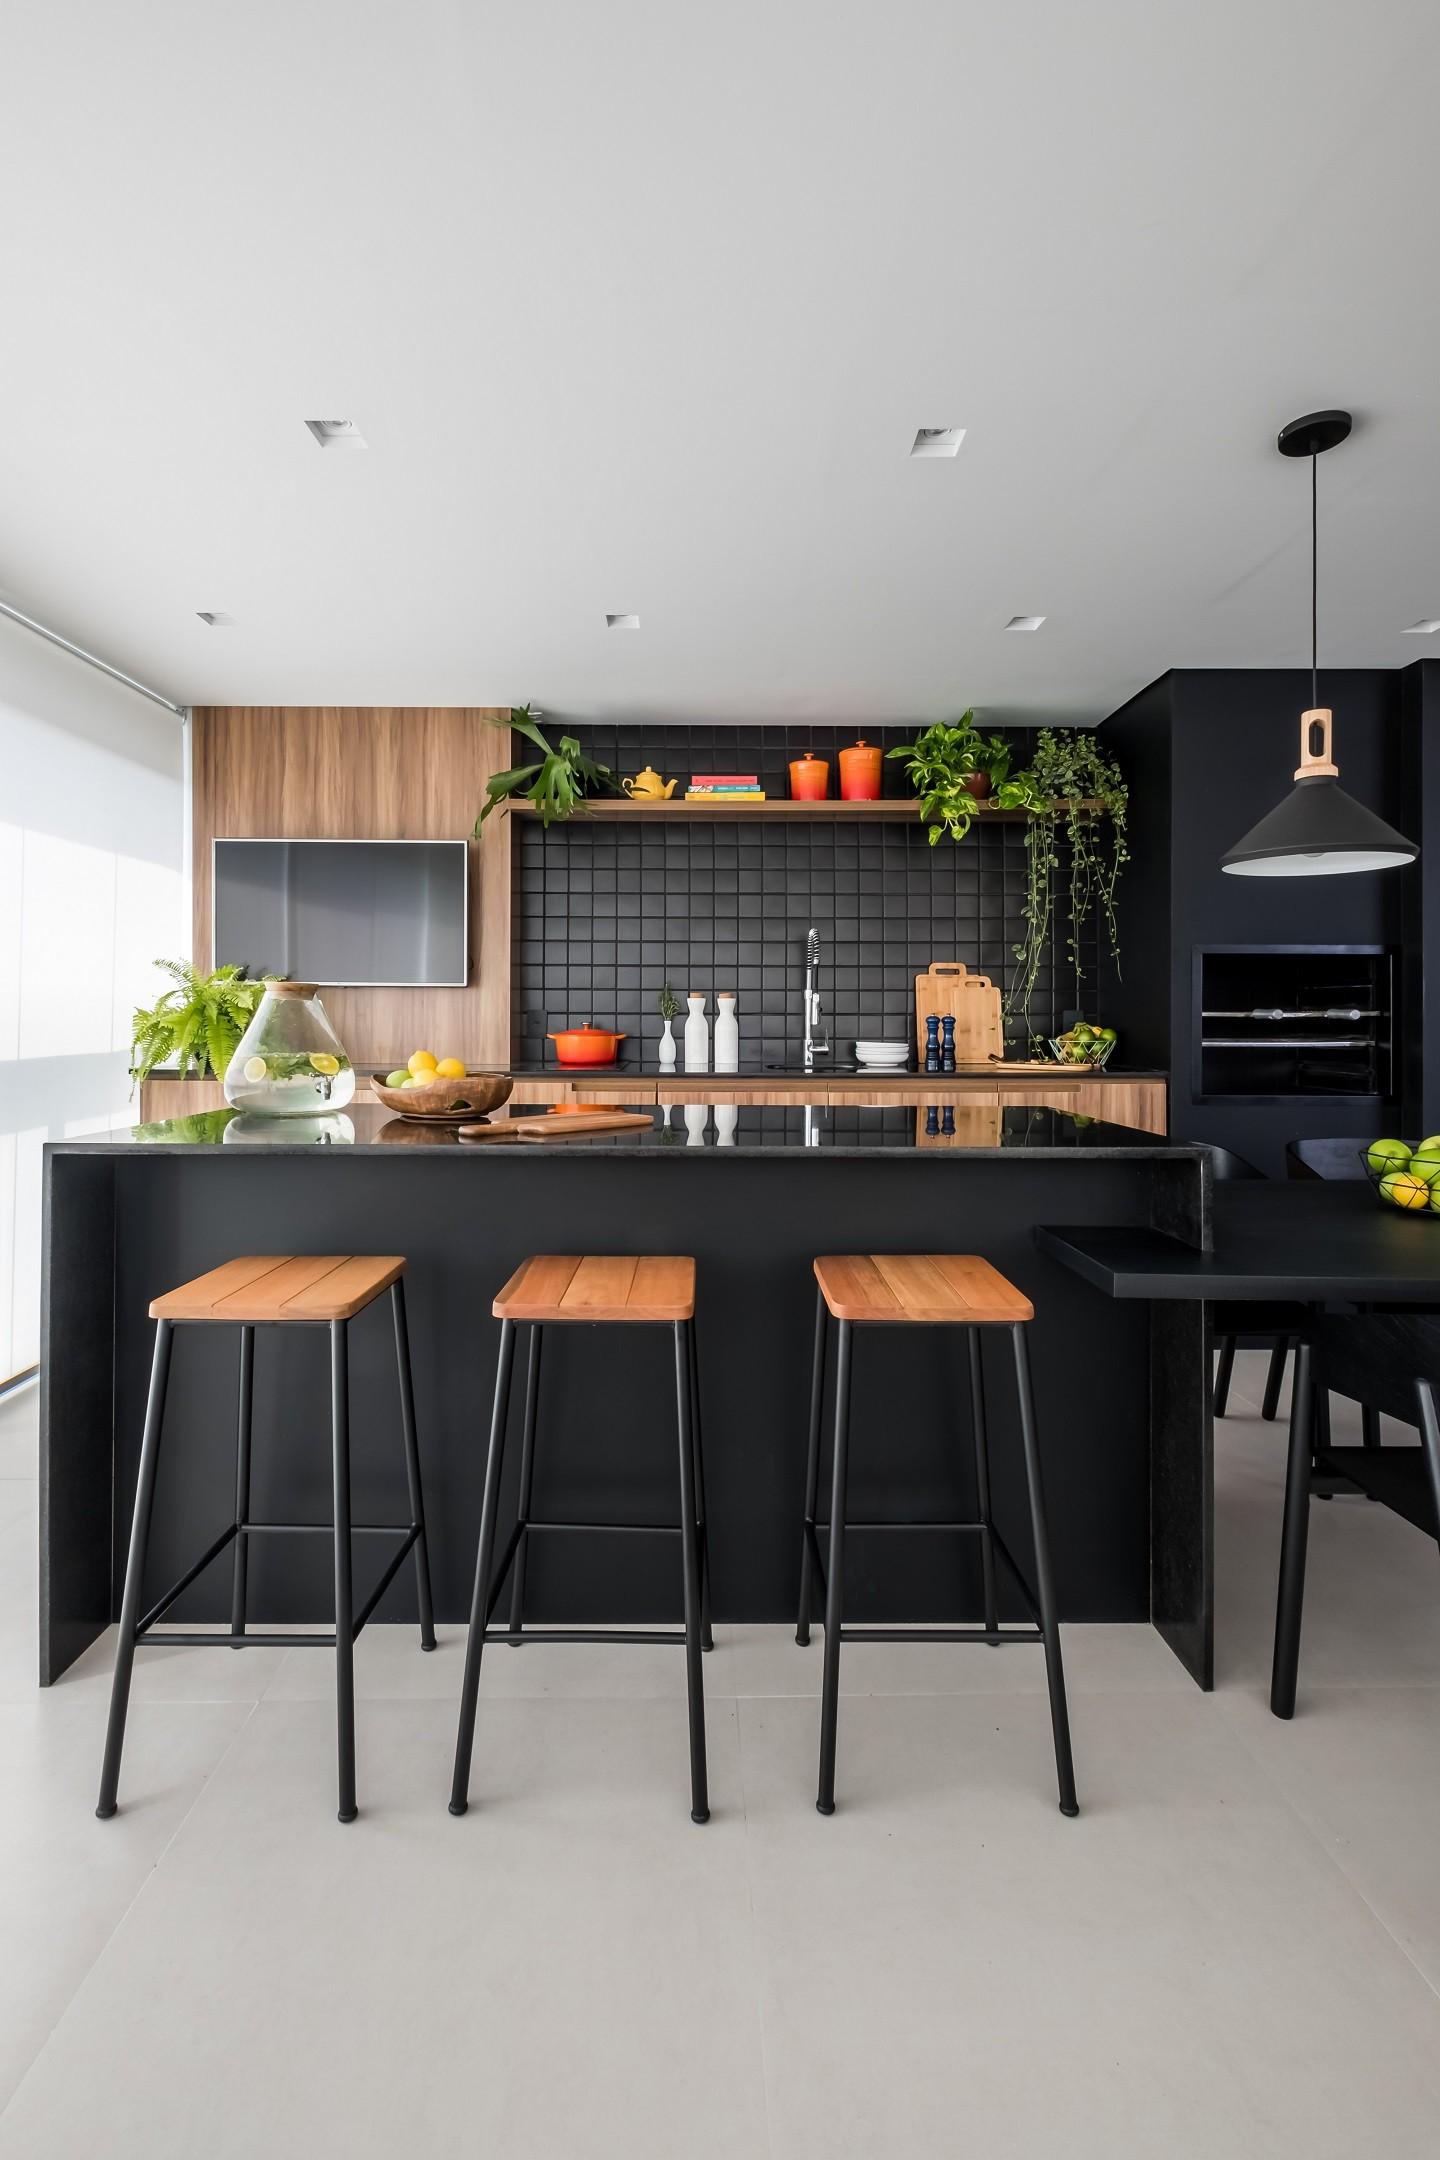 Bancada de granito preta com bancos e movéis de madeira e acessórios de área gourmet.